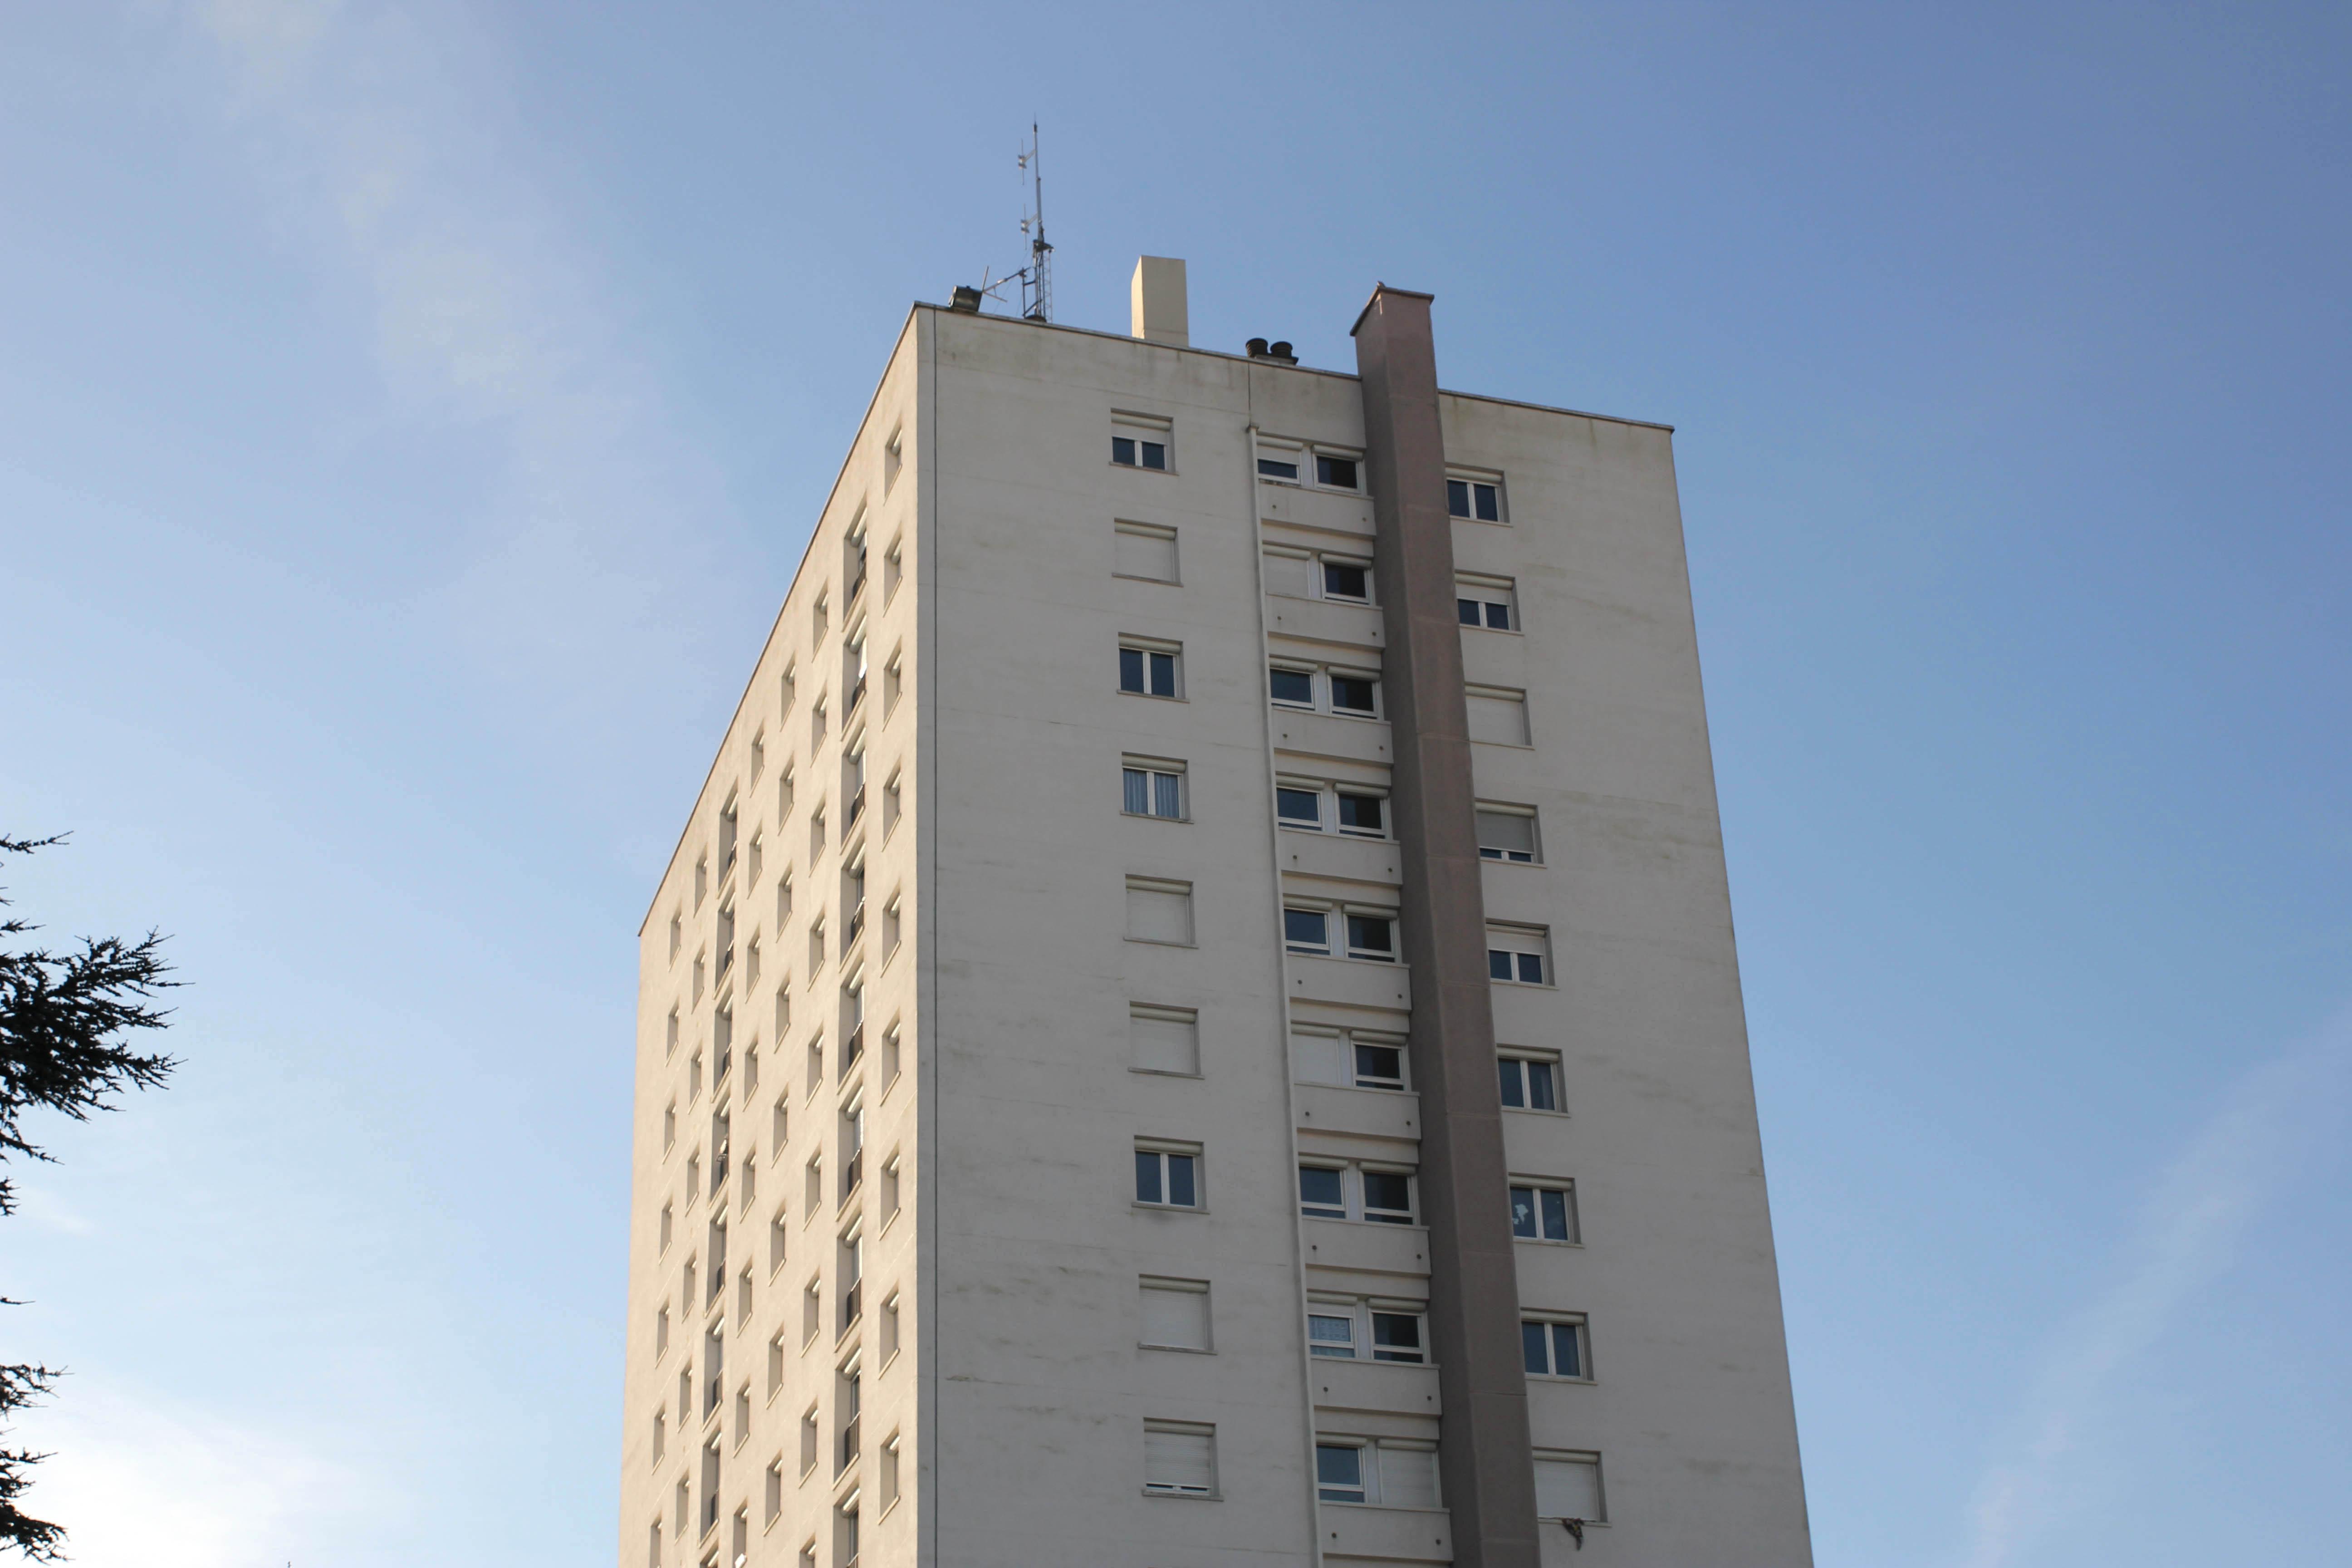 Appartement F4 à Canteleu avec vue sur Rouen - Image 2